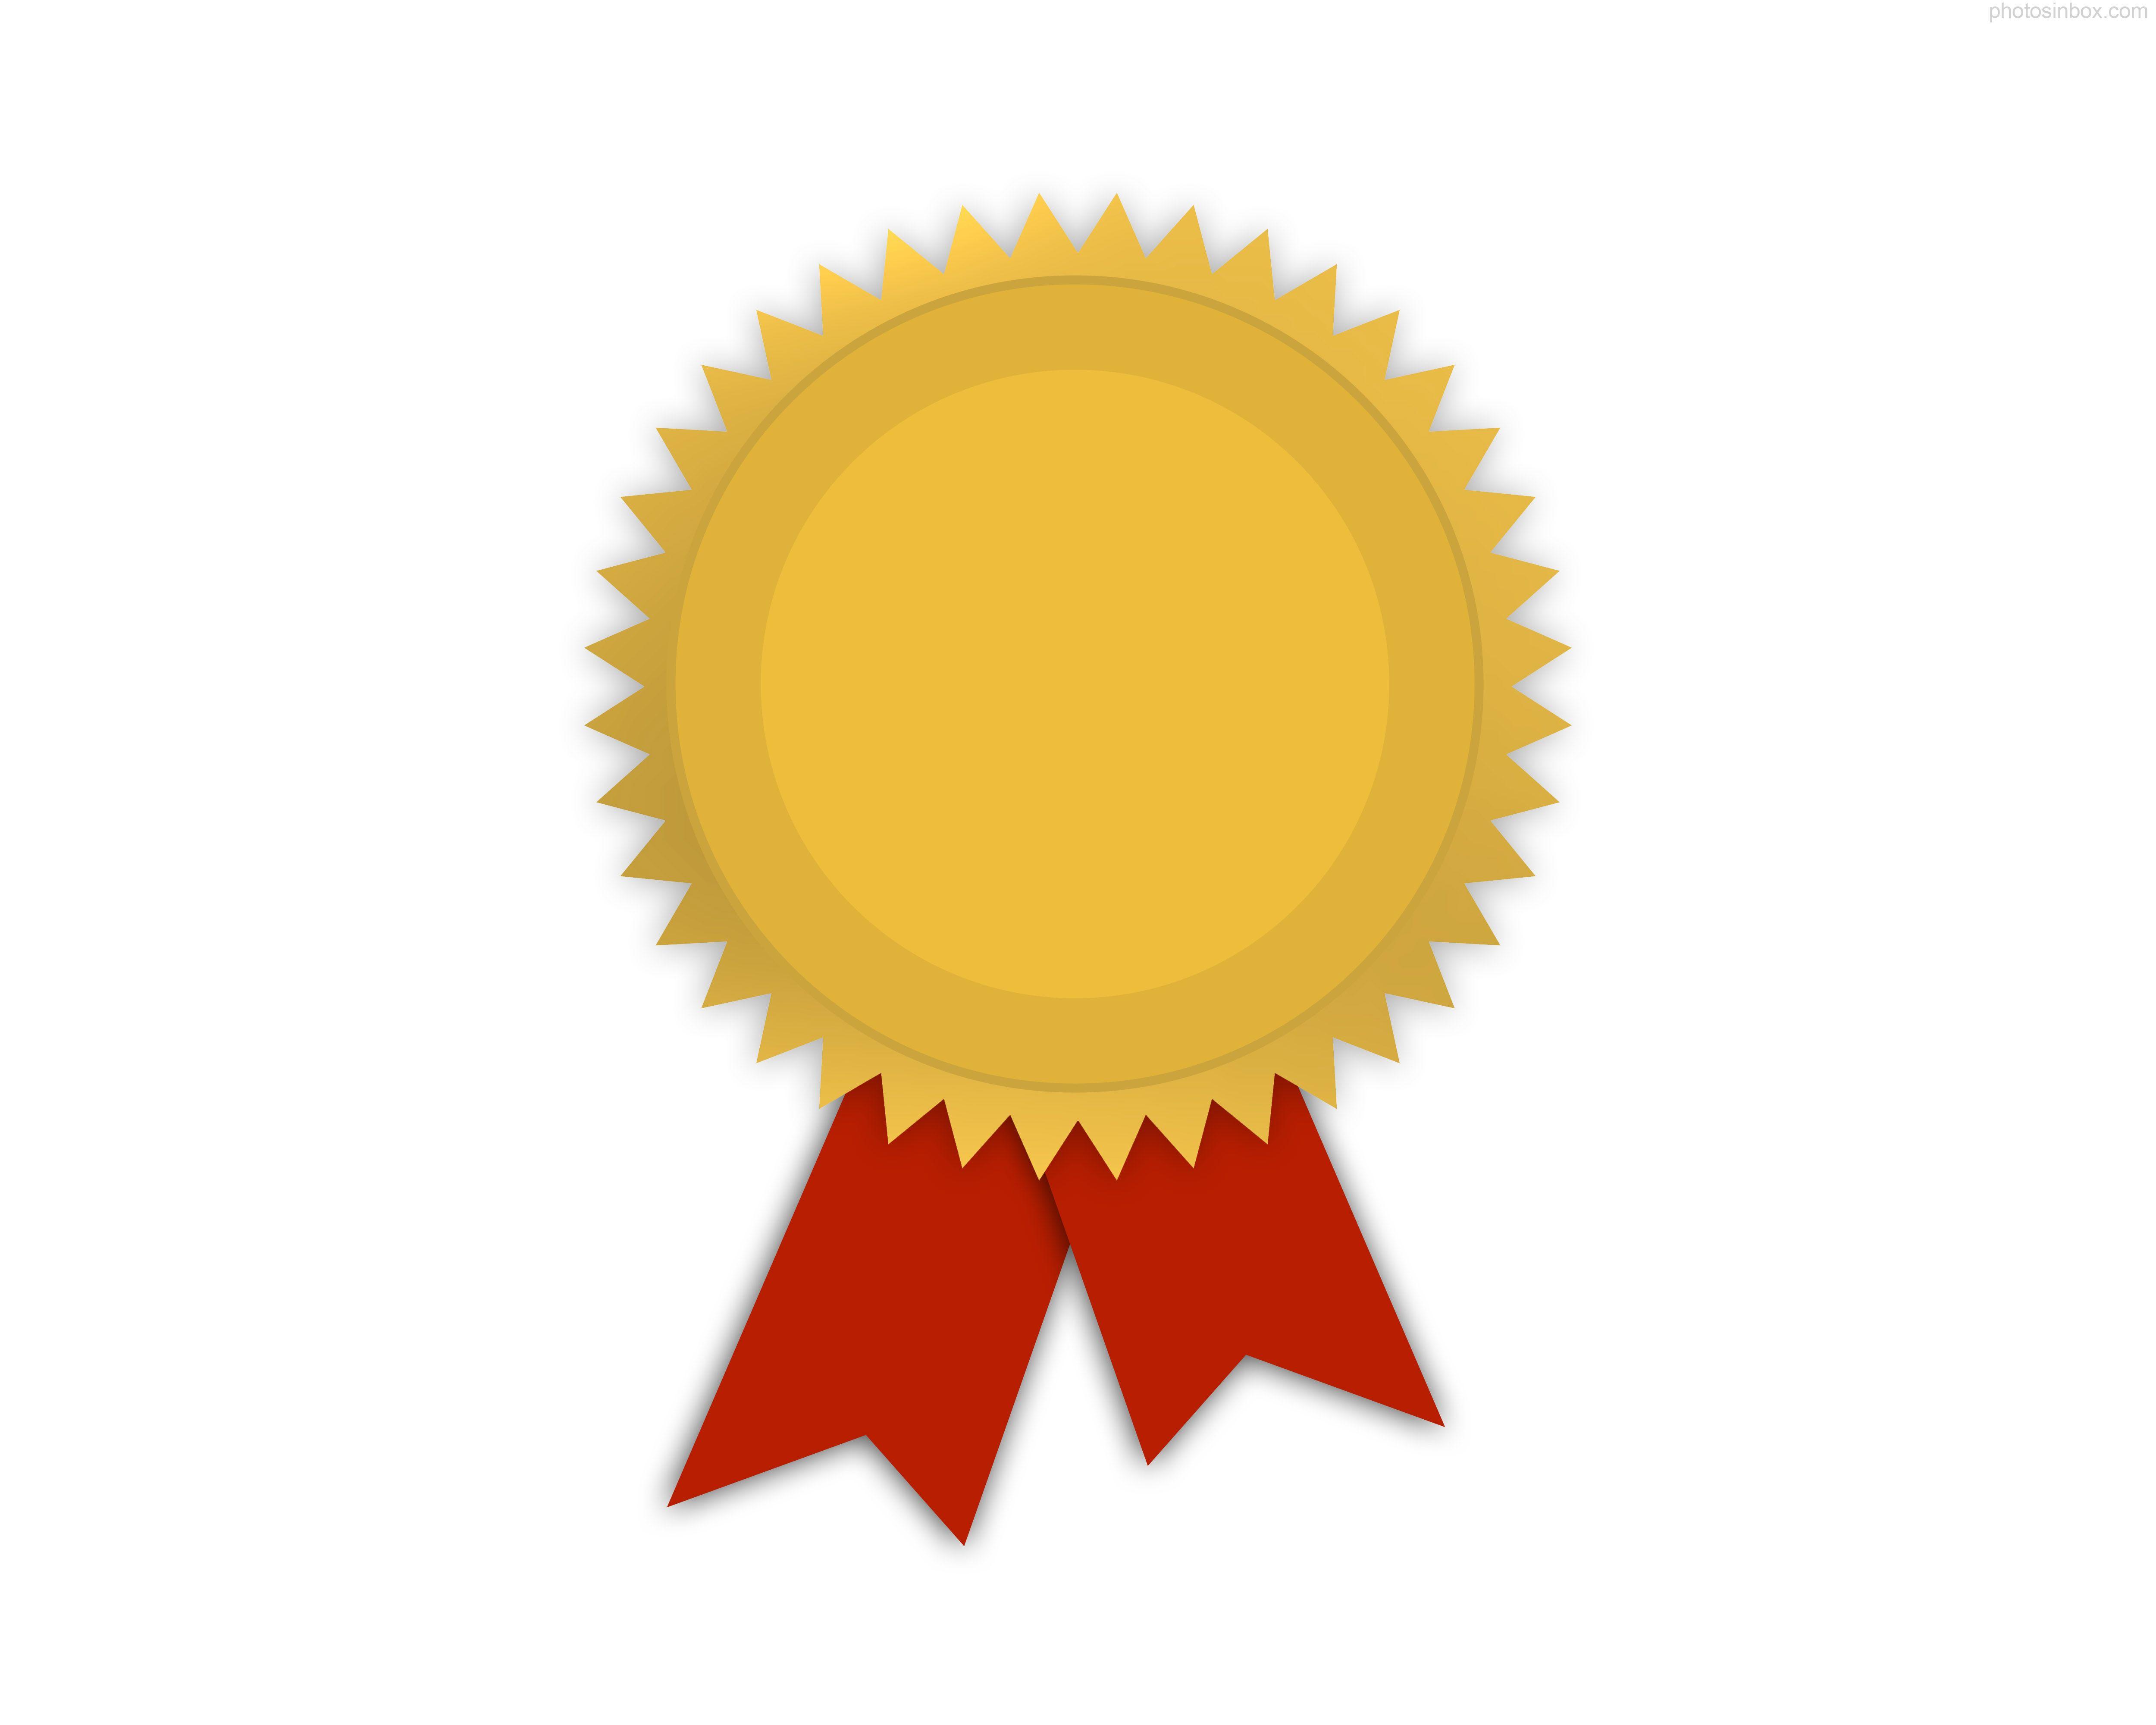 award medals sign symbols - HD5000×4000